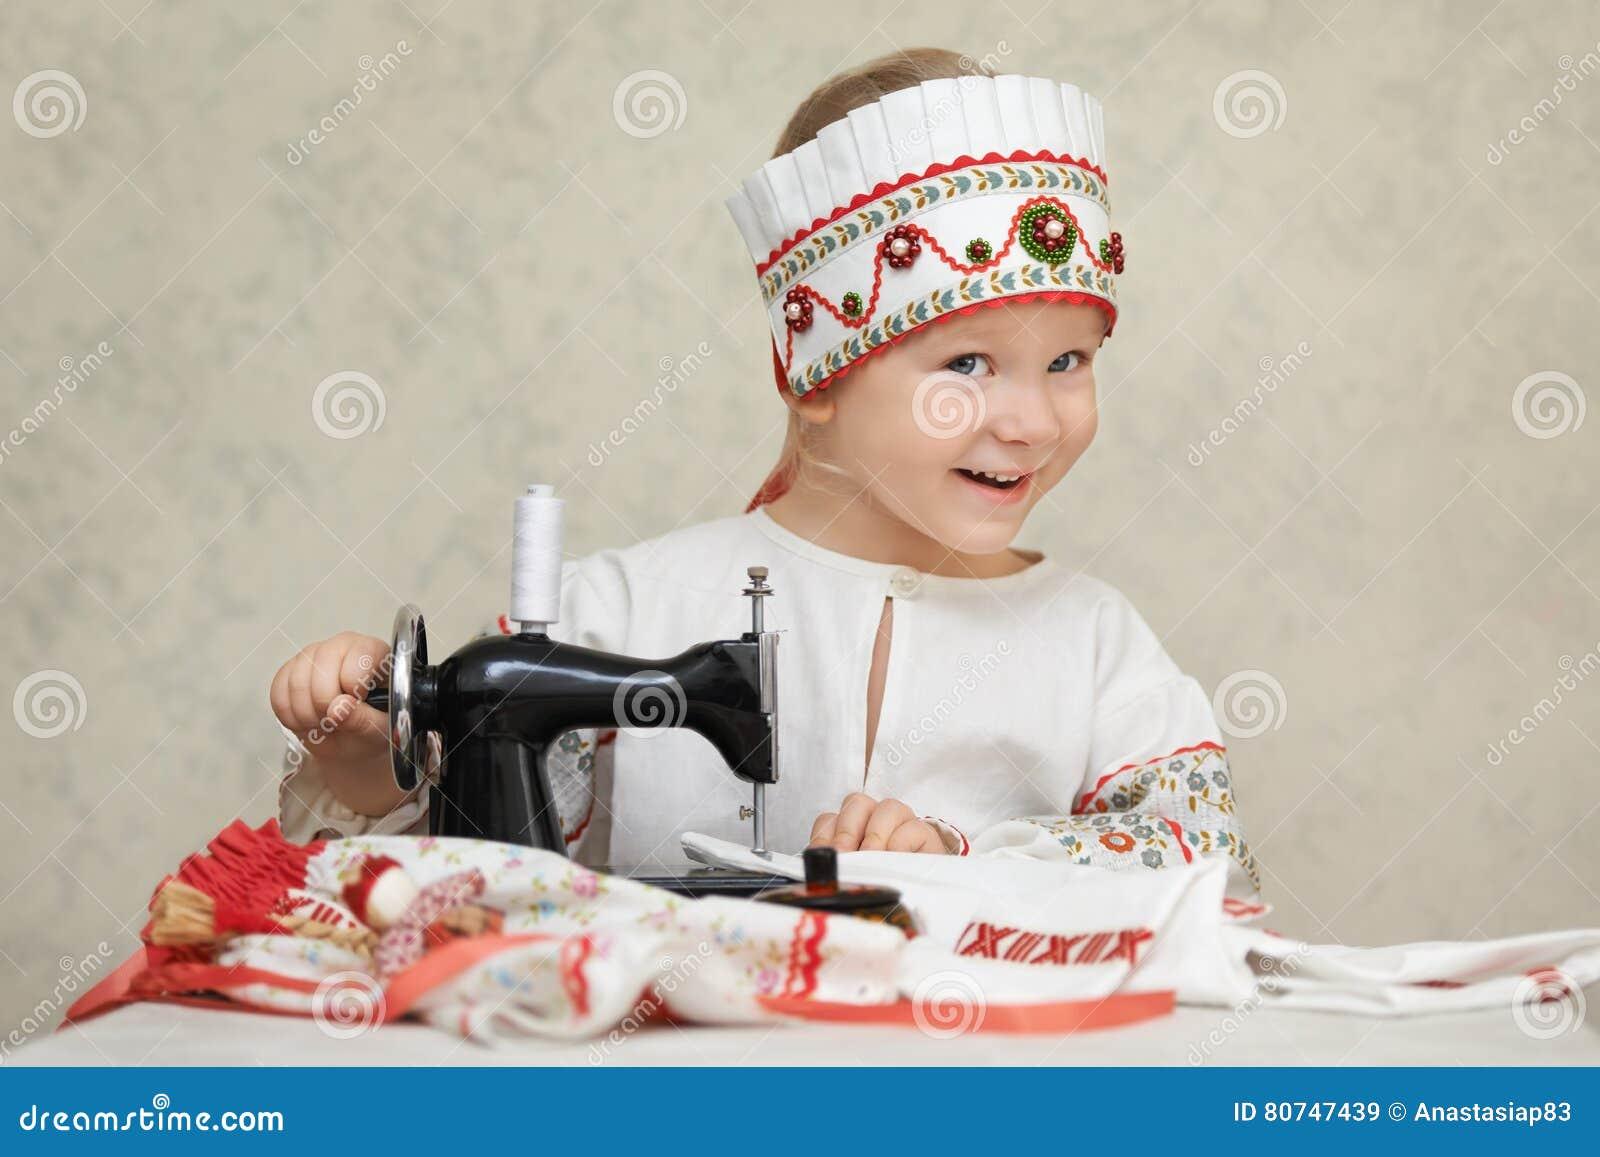 Μικρό κορίτσι στο παραδοσιακό ρωσικό πουκάμισο και kokoshnik στη διαδικασία